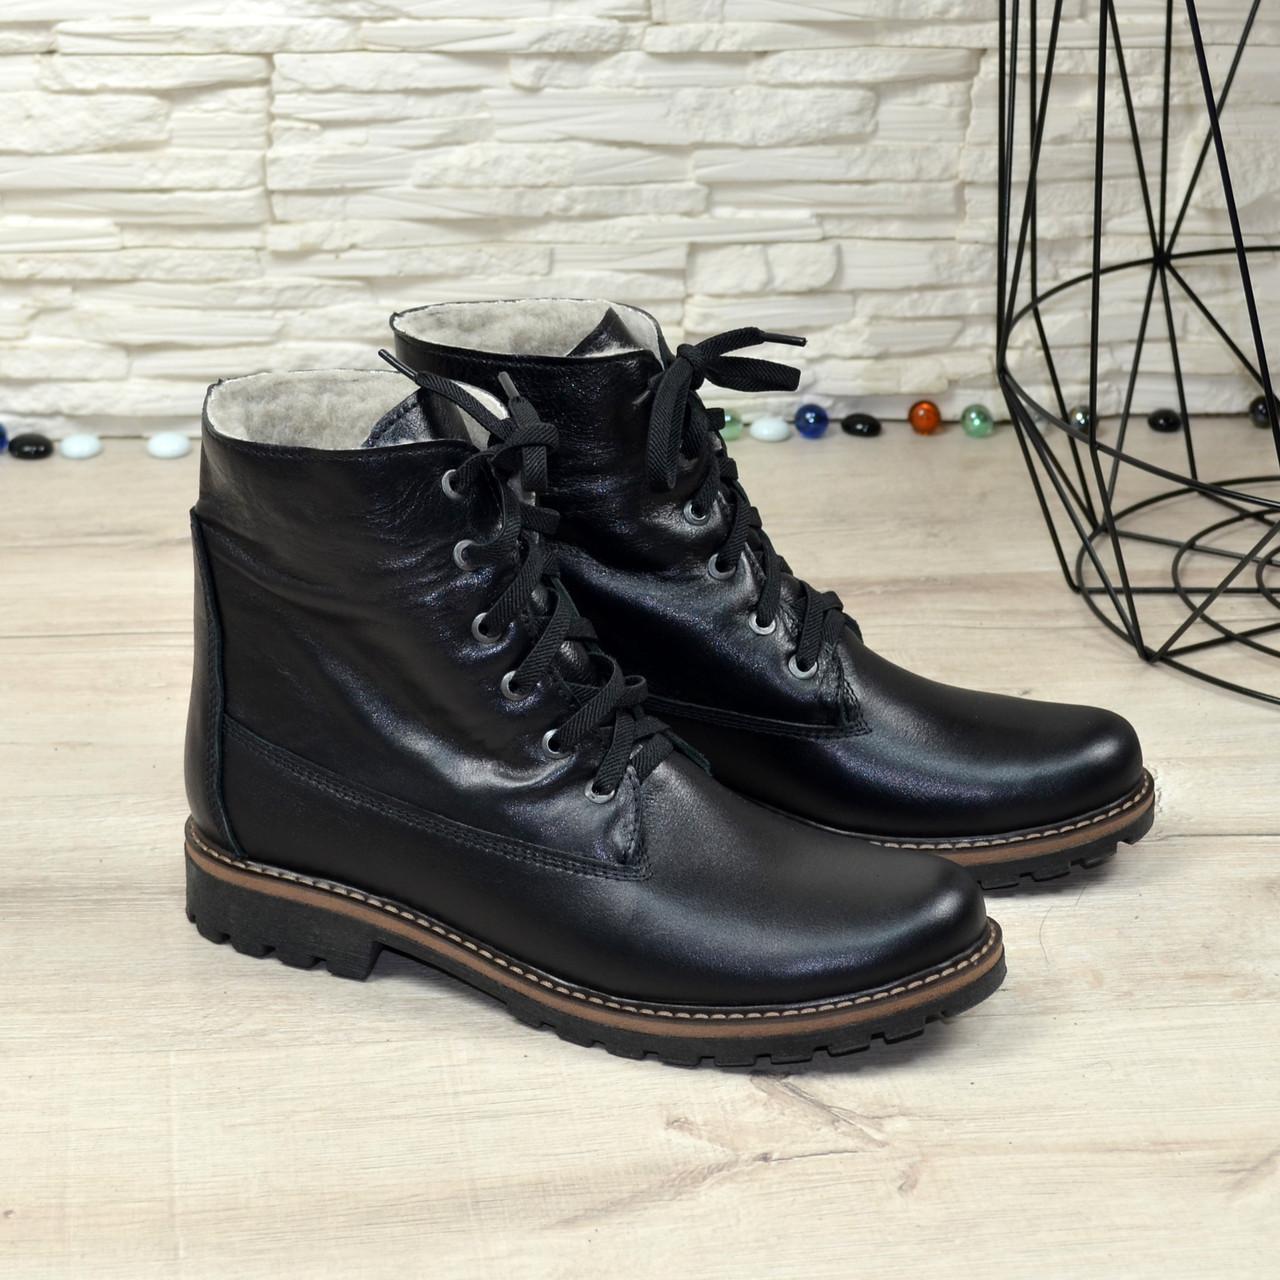 Женские ботинки на шнуровке, натуральная черная кожа